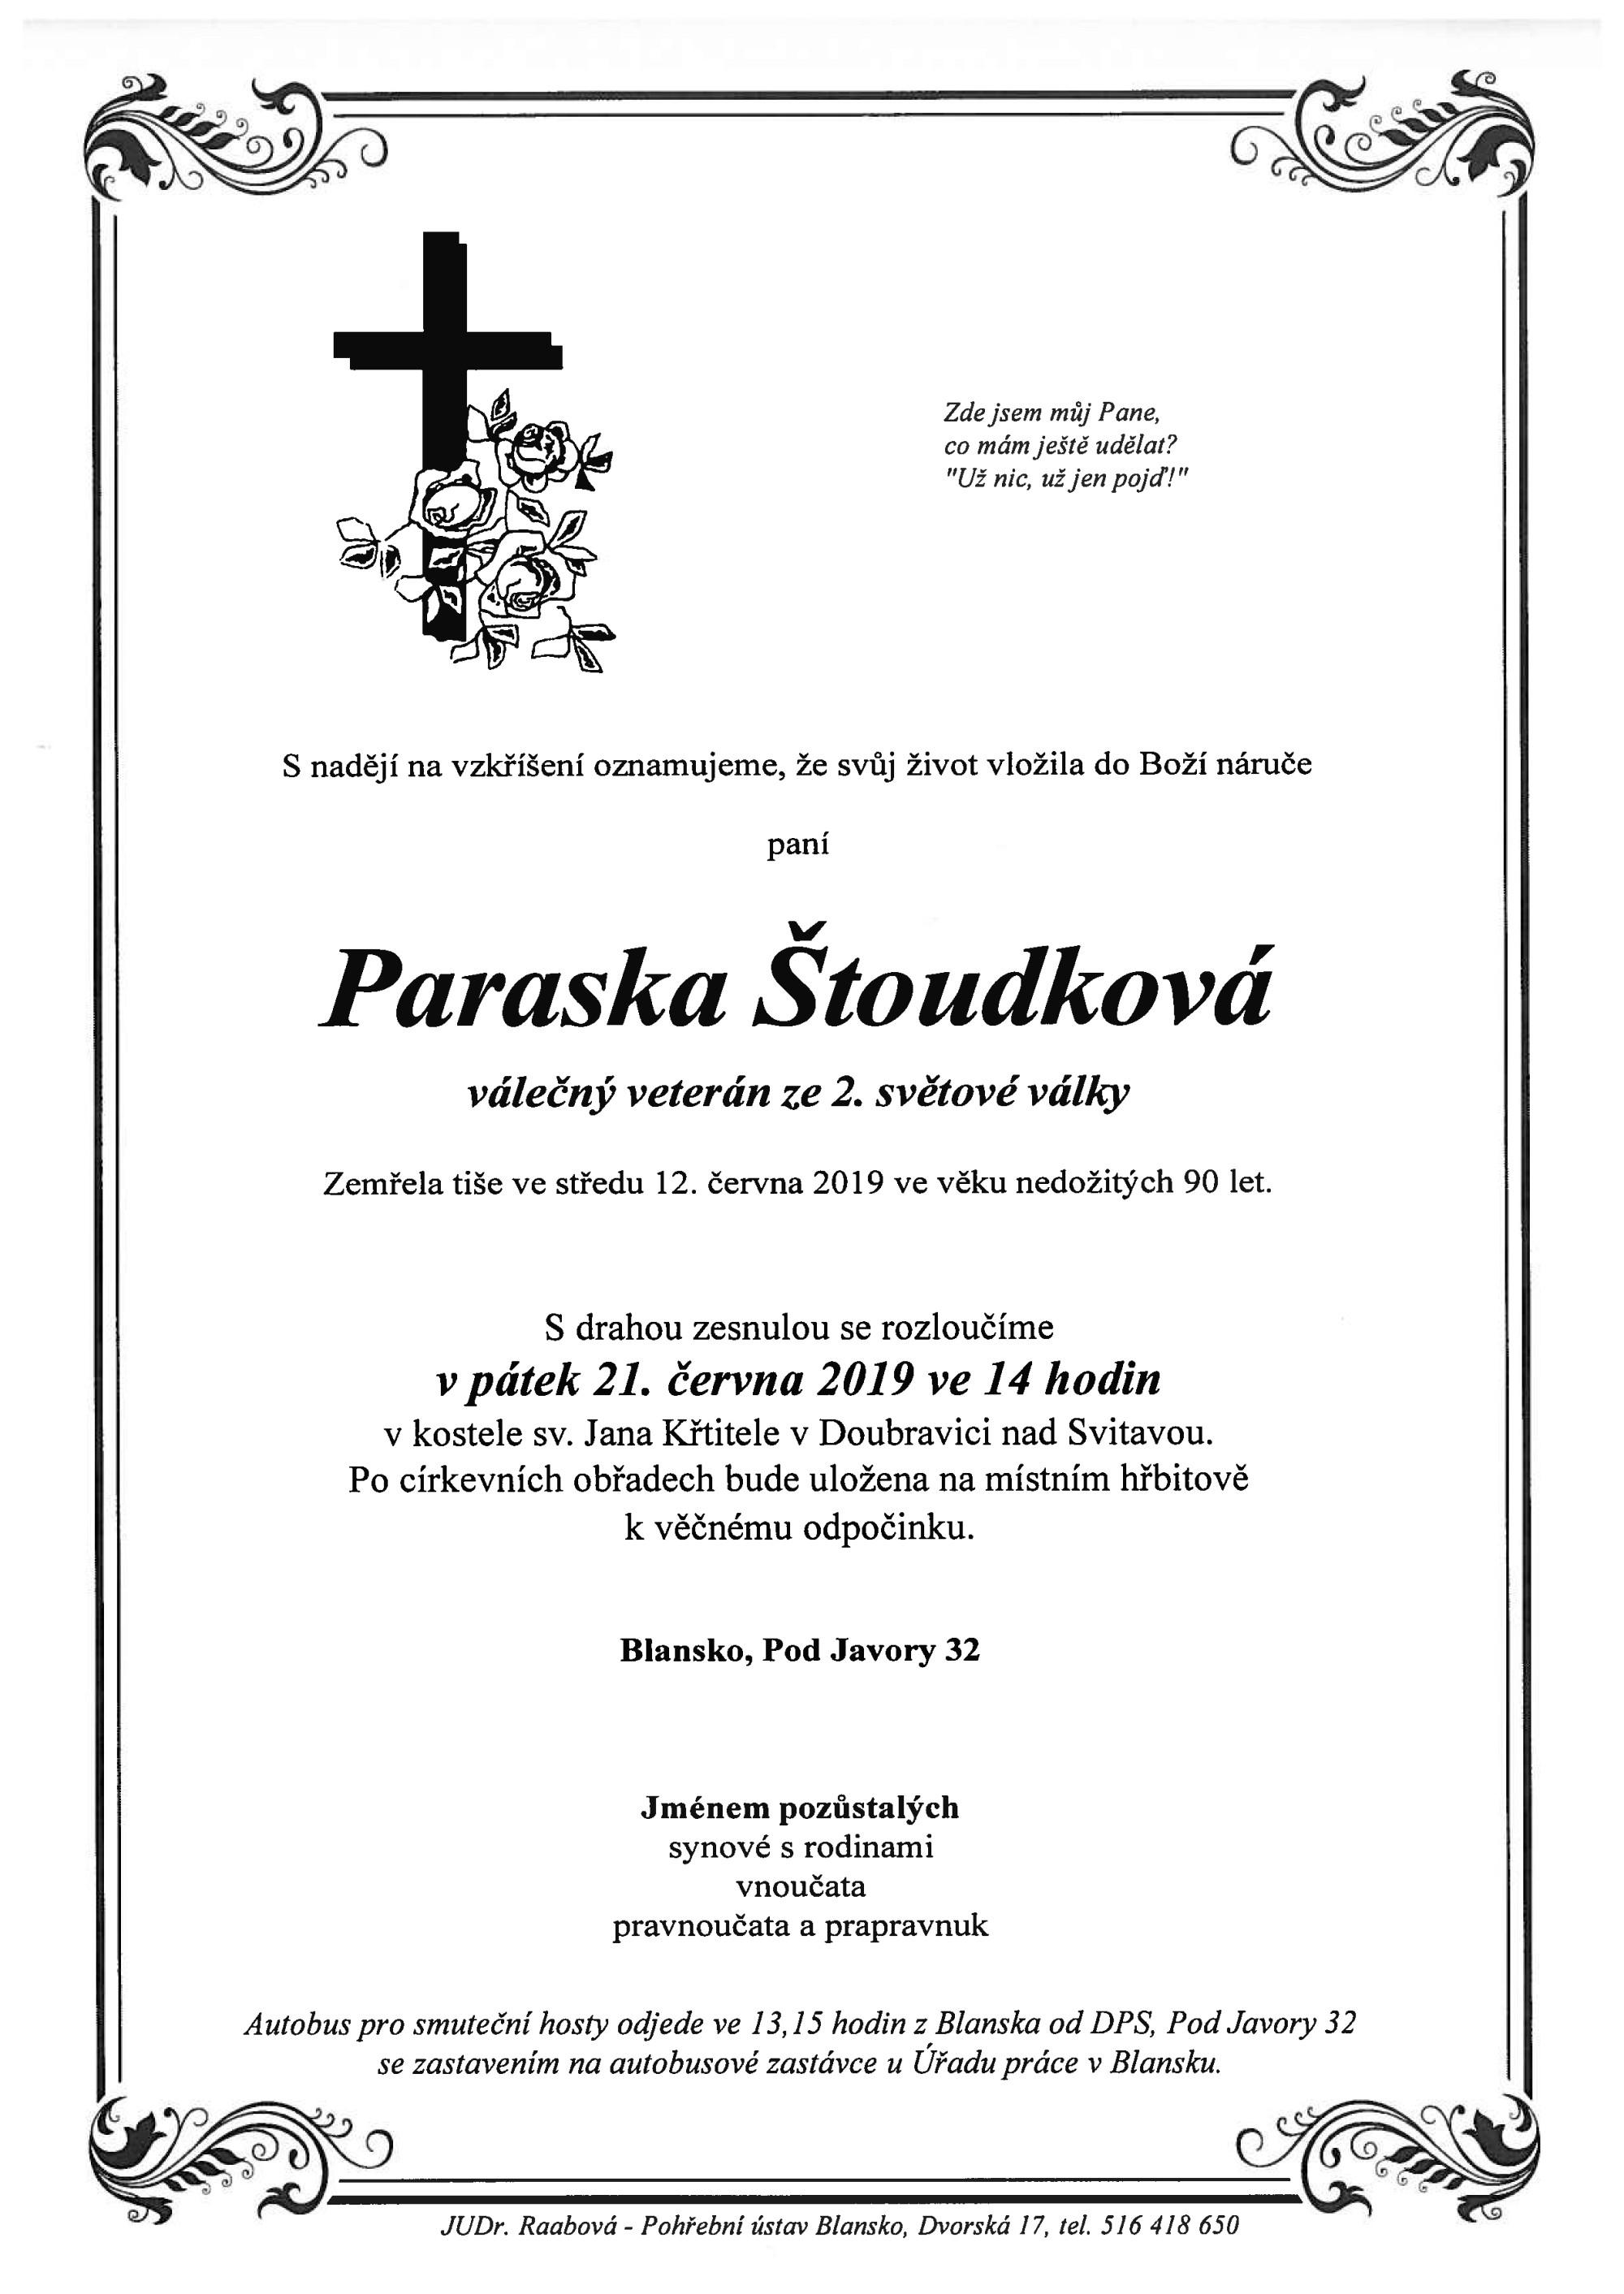 Paraska Štoudková